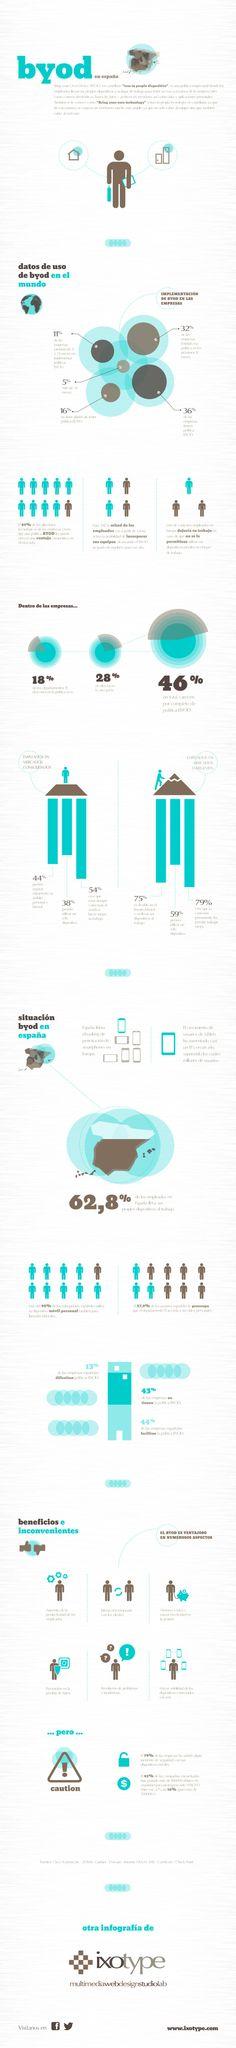 BYOD en España #infografia #infographic